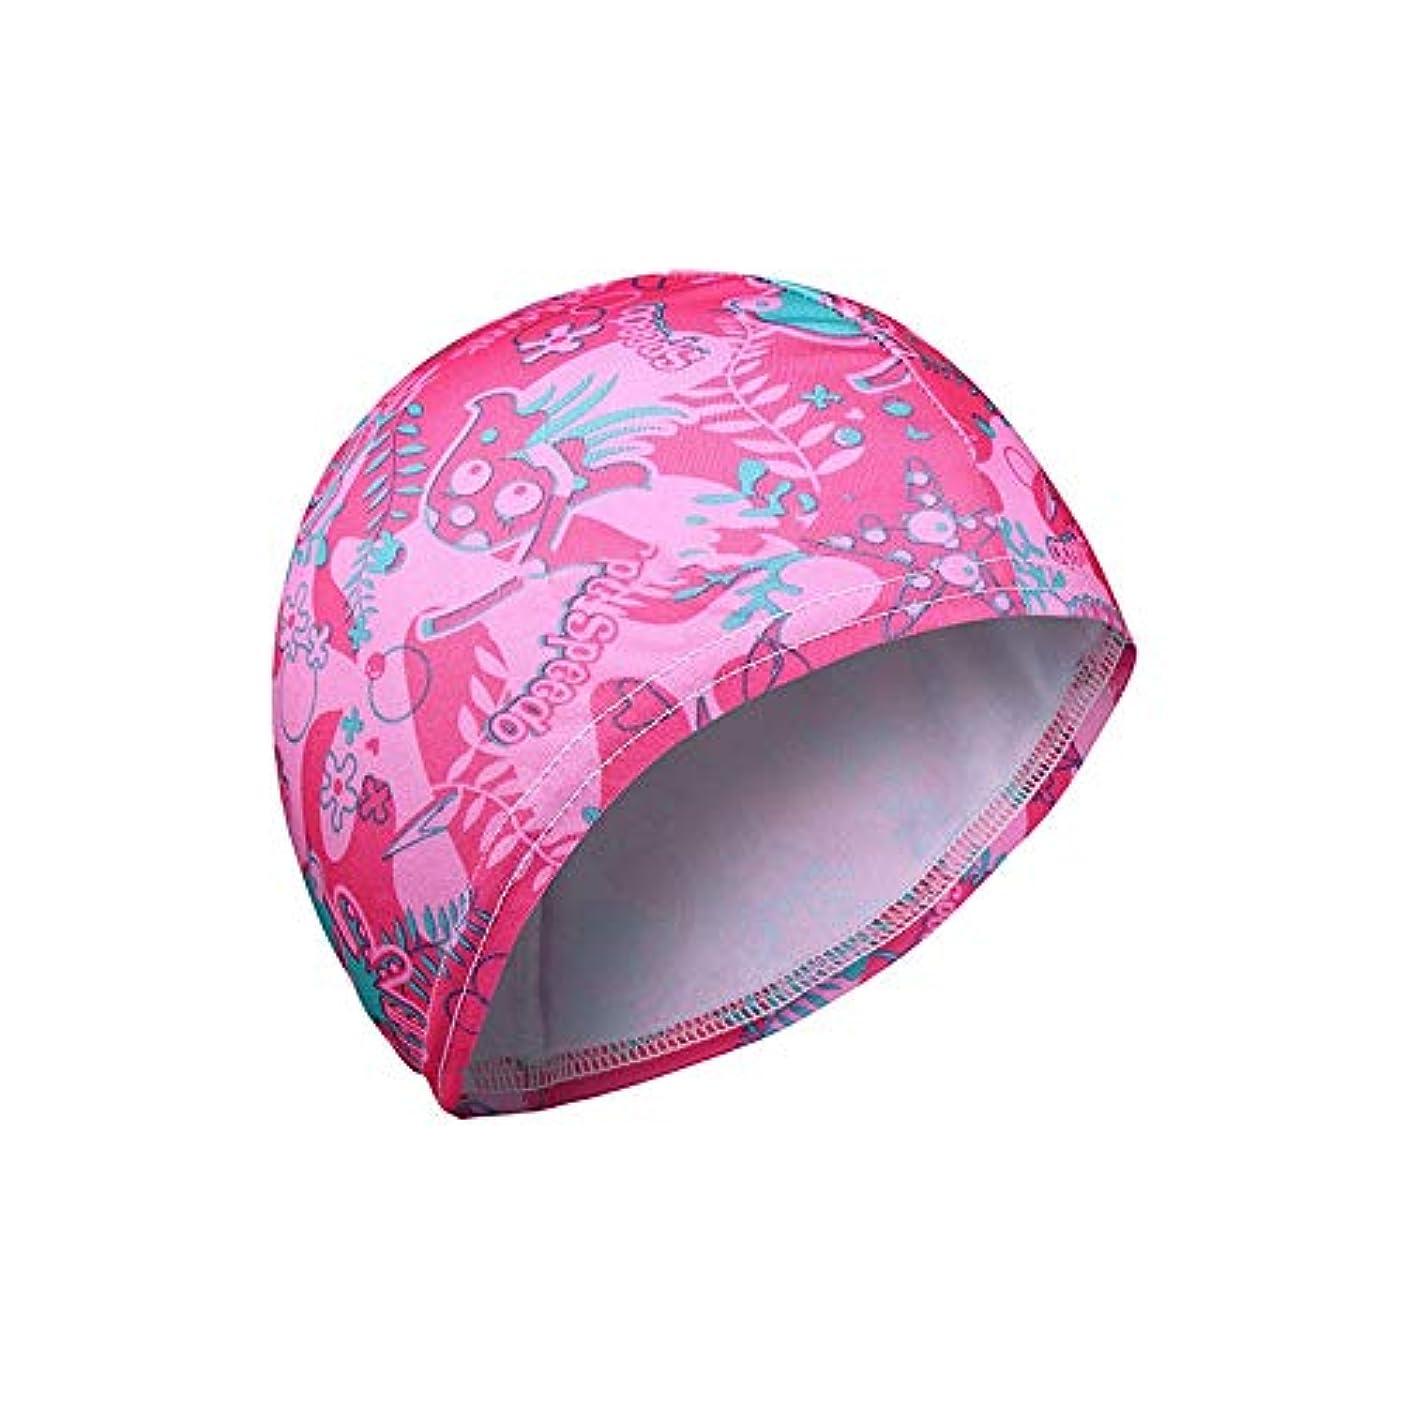 上がるアラビア語嵐の水泳帽 キッズ 少年少女のための適切な子供の水泳キャップ高弾性水泳帽耳の保護弾性水泳帽 スイミング帽子 プール帽子 (色 : ピンク, Size : Free size)